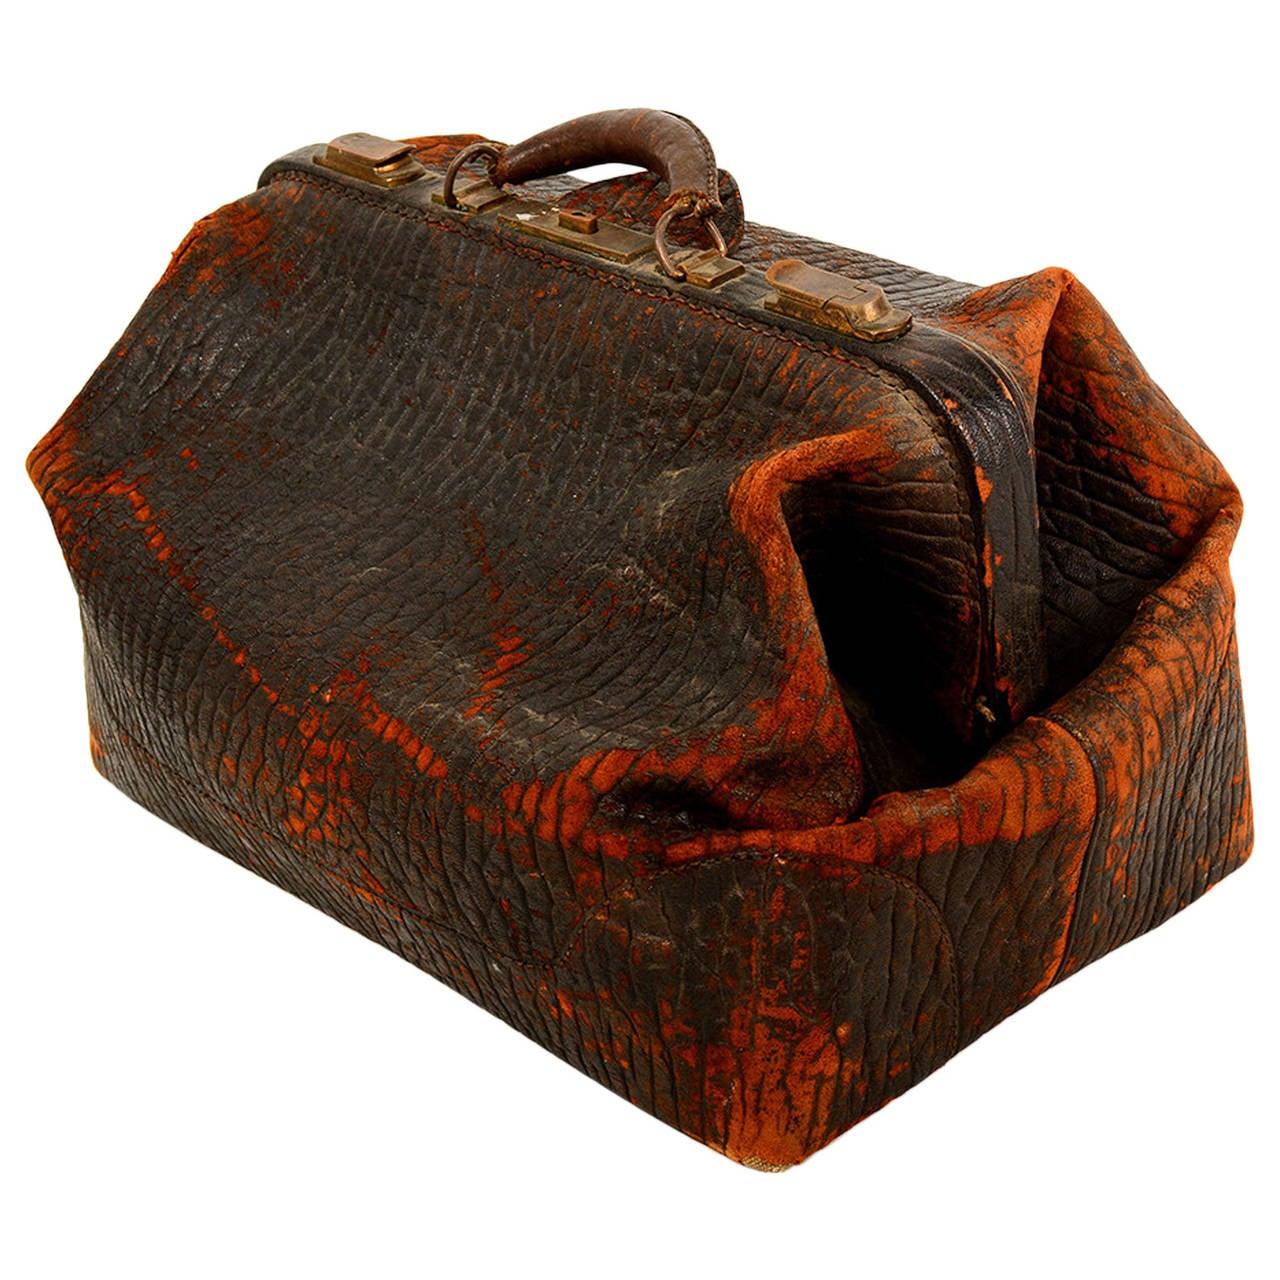 Vintage Leather Doctor's Bag For Sale at 1stdibs